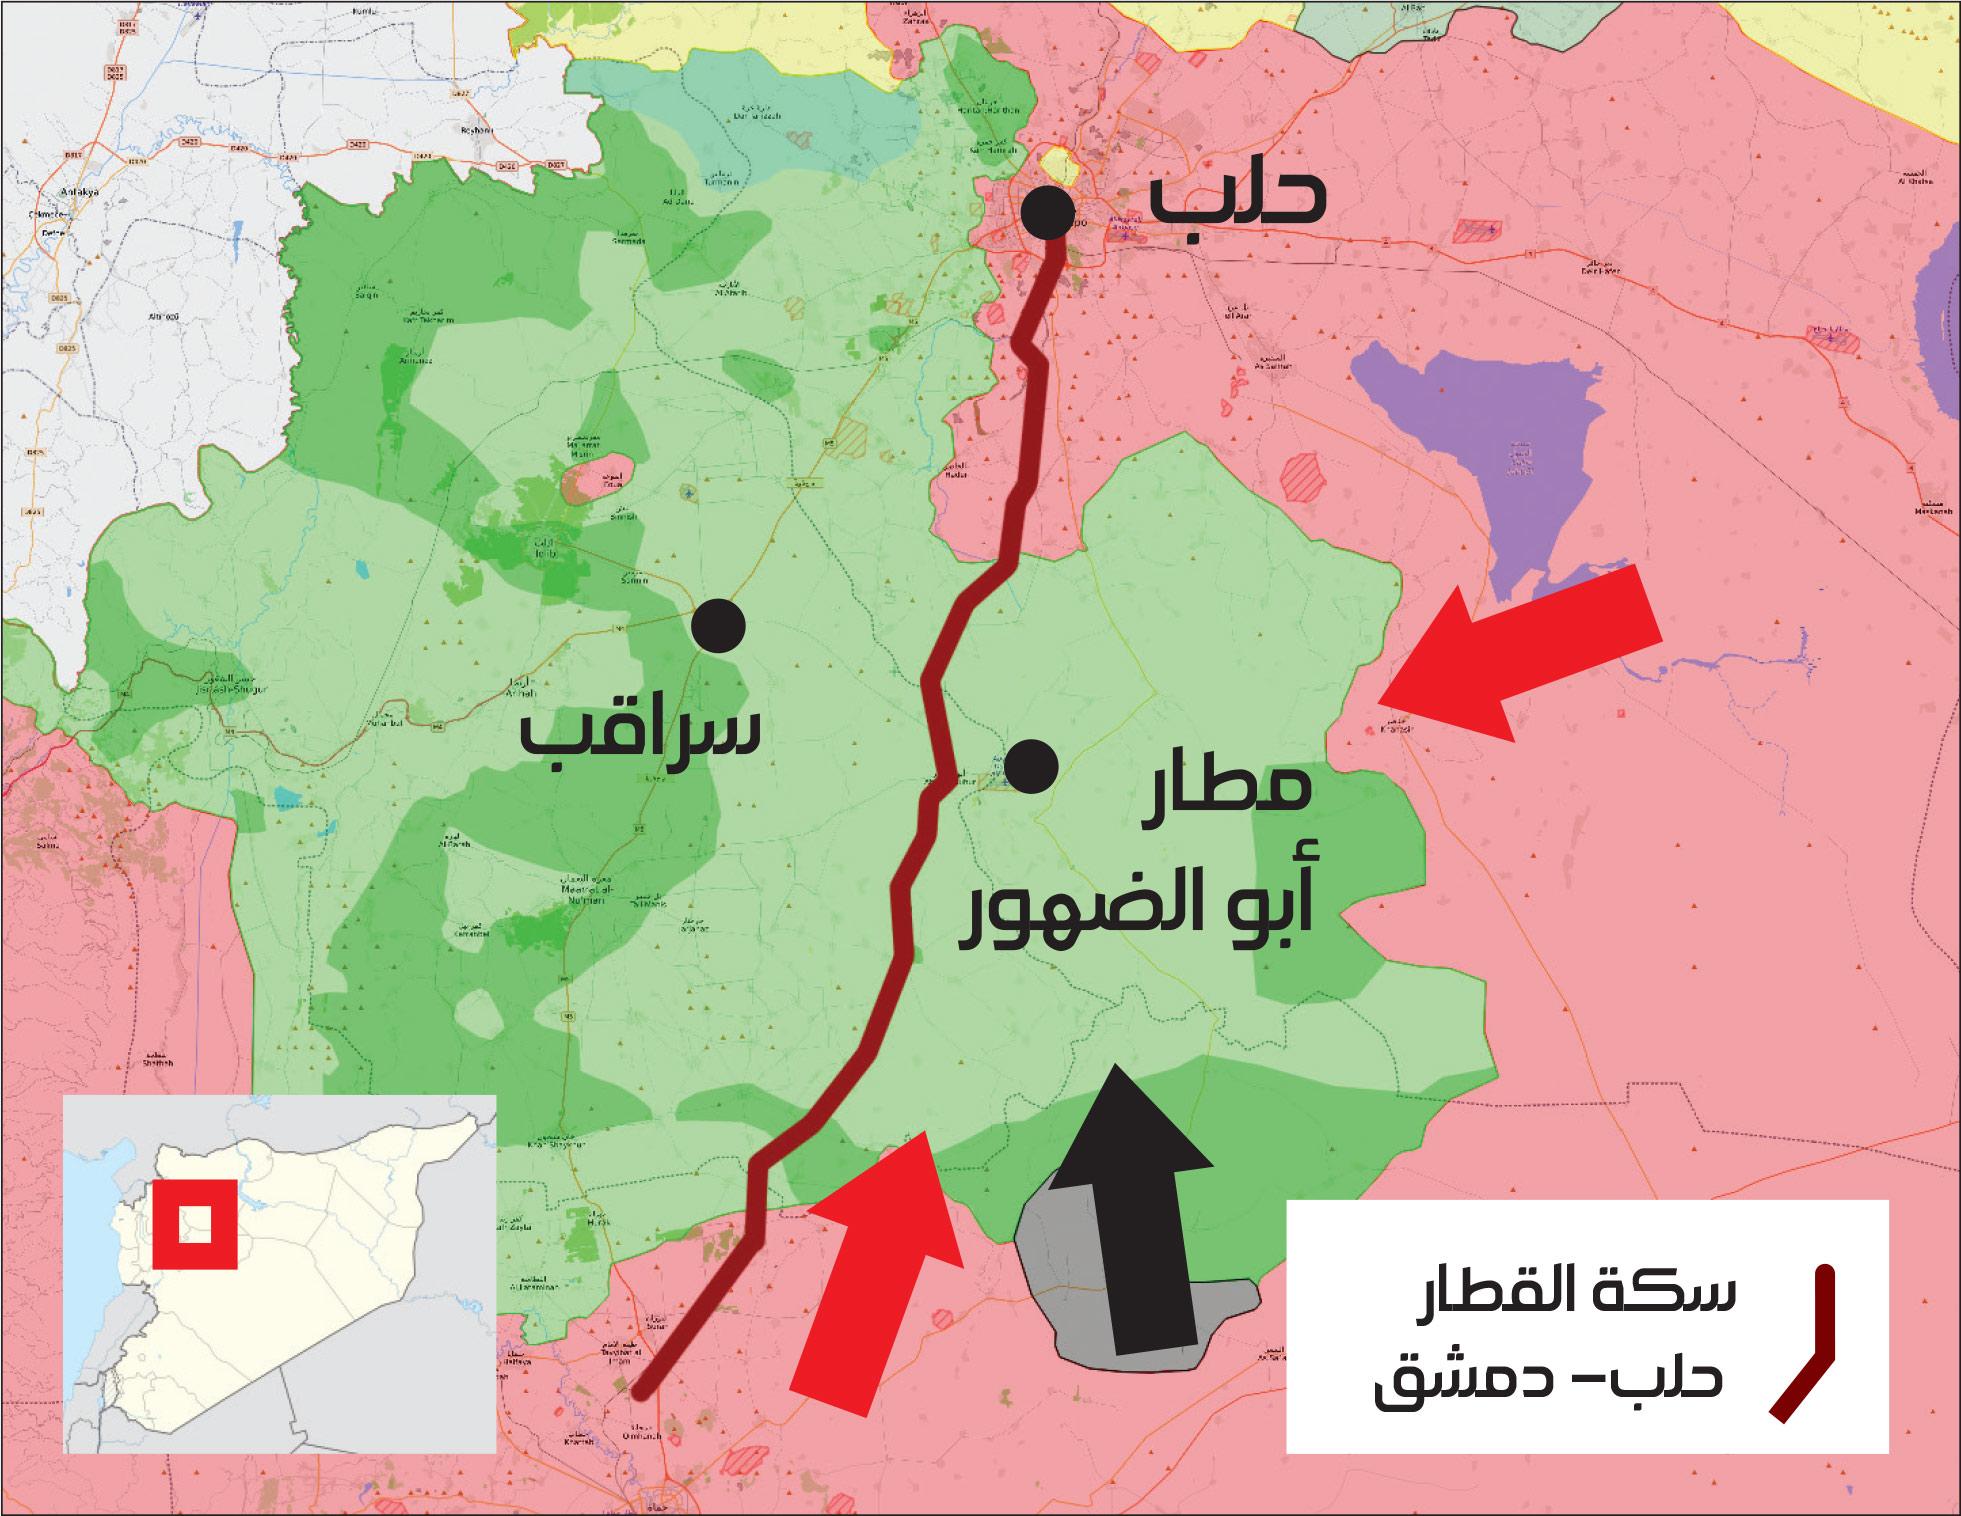 خريطة توزع السيطرة في محافظة إدلب – 16 كانون الأوخريطة توزع السيطرة في محافظة إدلب – 16 كانون الأول 2017 (عنب بلدي)ل 2017 (عنب بلدي)